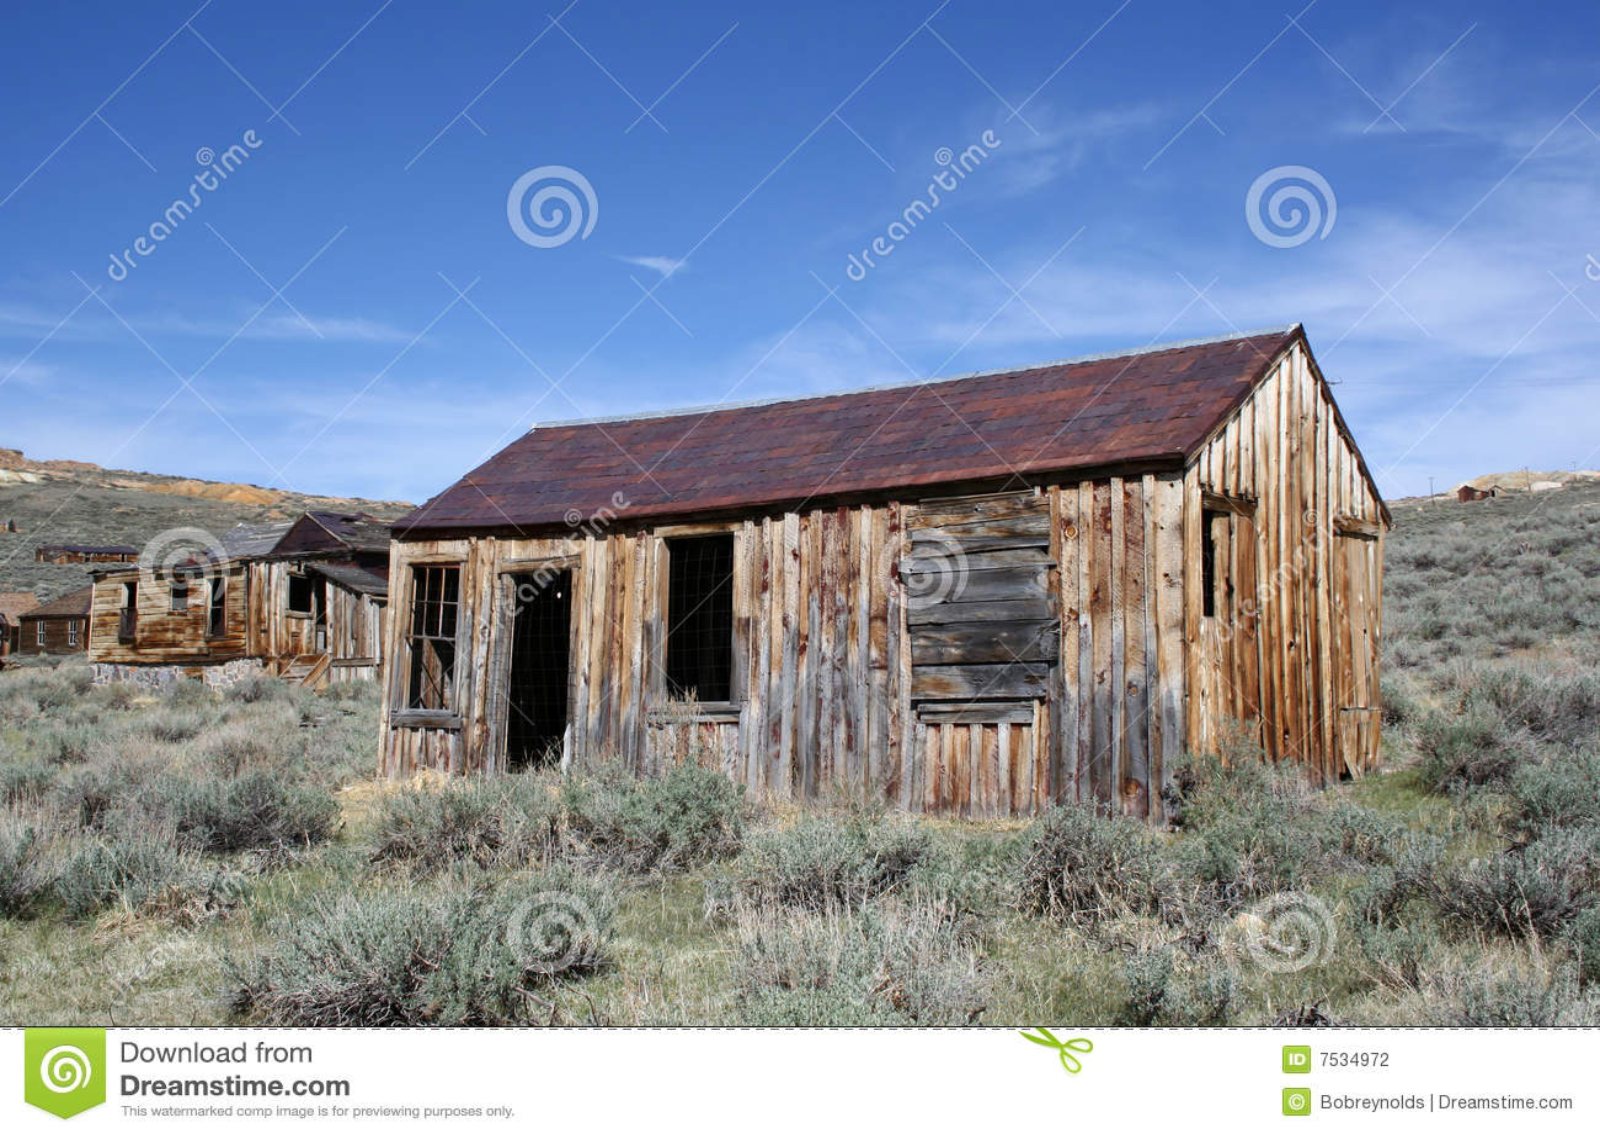 Casas Viejas En El Pueblo Fantasma De Bodie Fotografía de ... - photo#11